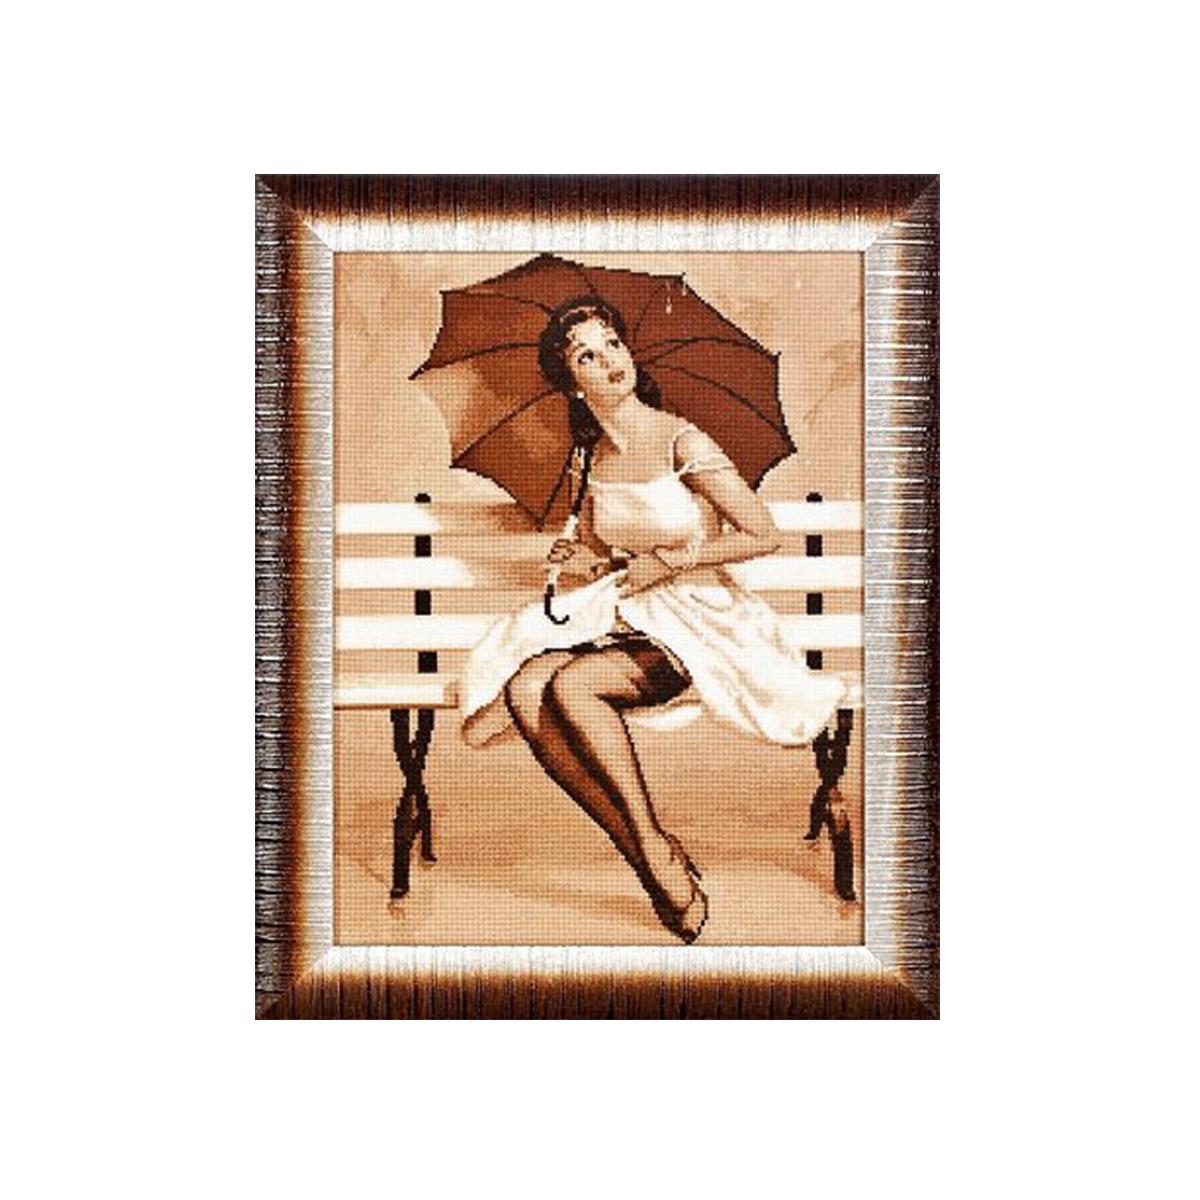 Набор для вышивания Alisena Дождь, 27 x 35 см383127